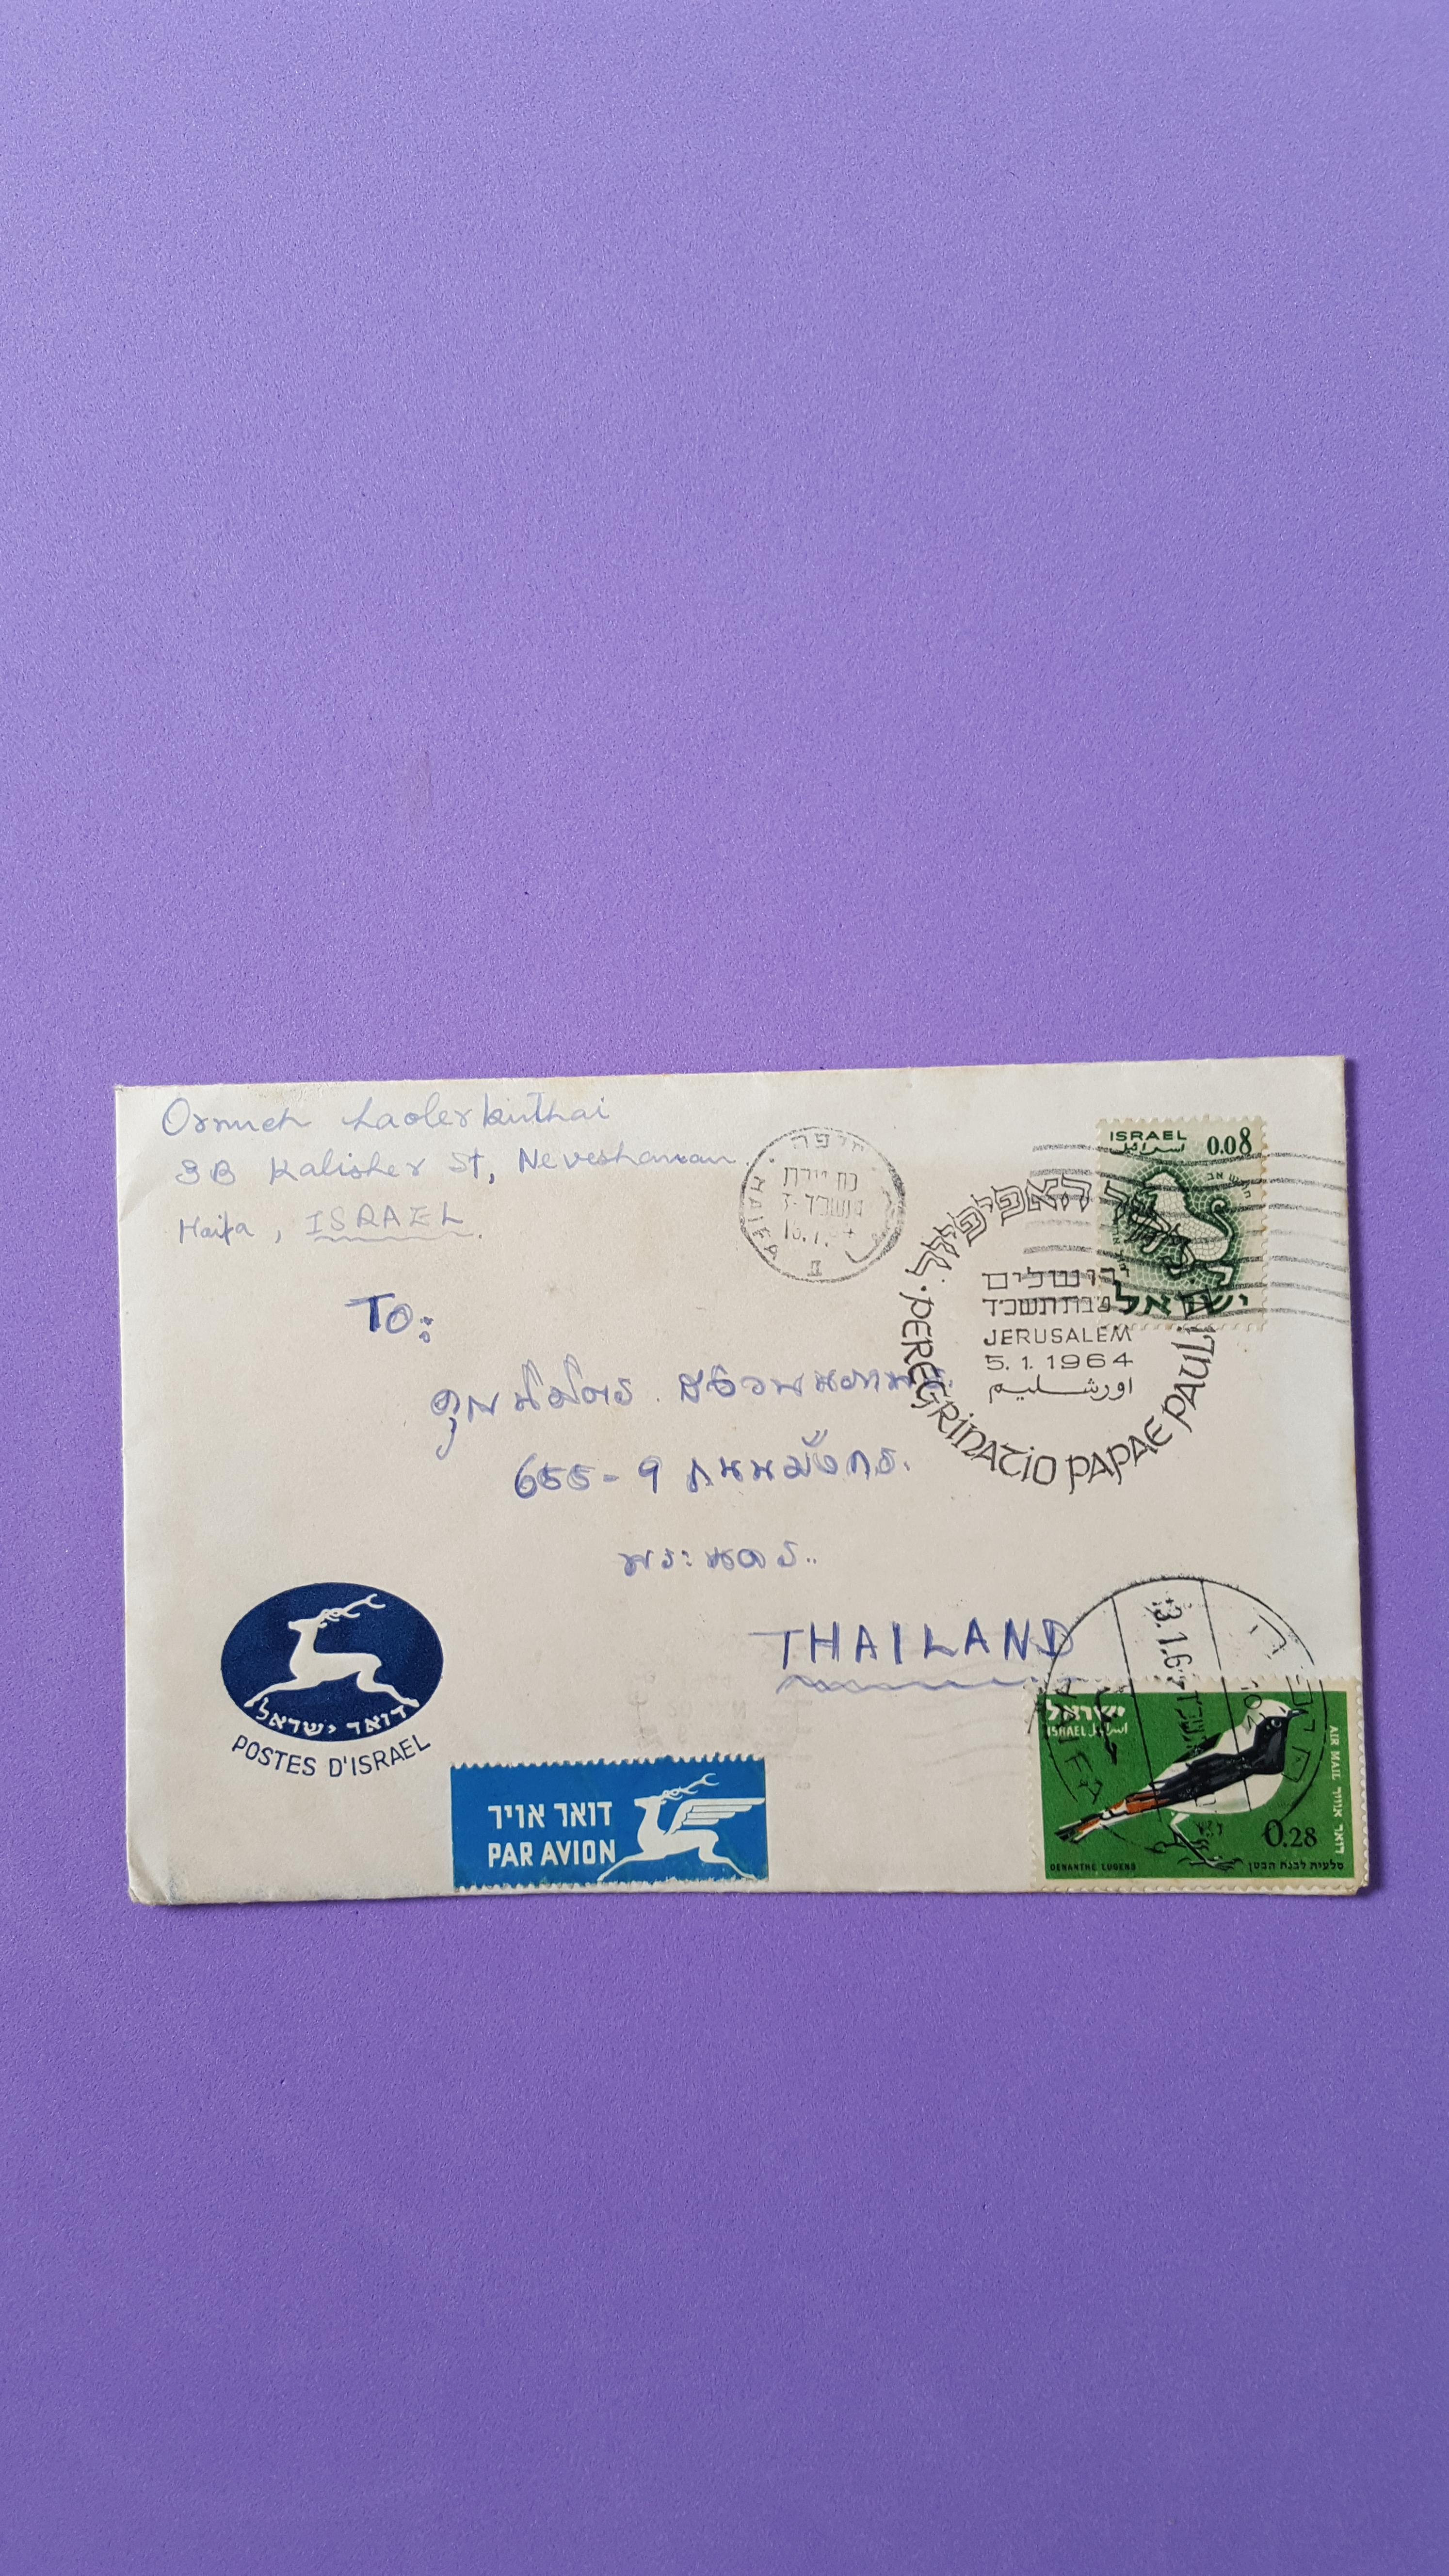 จดหมายเก่า ภาพถ่ายเก่า โพสการ์ด ข้อความ ปี2507